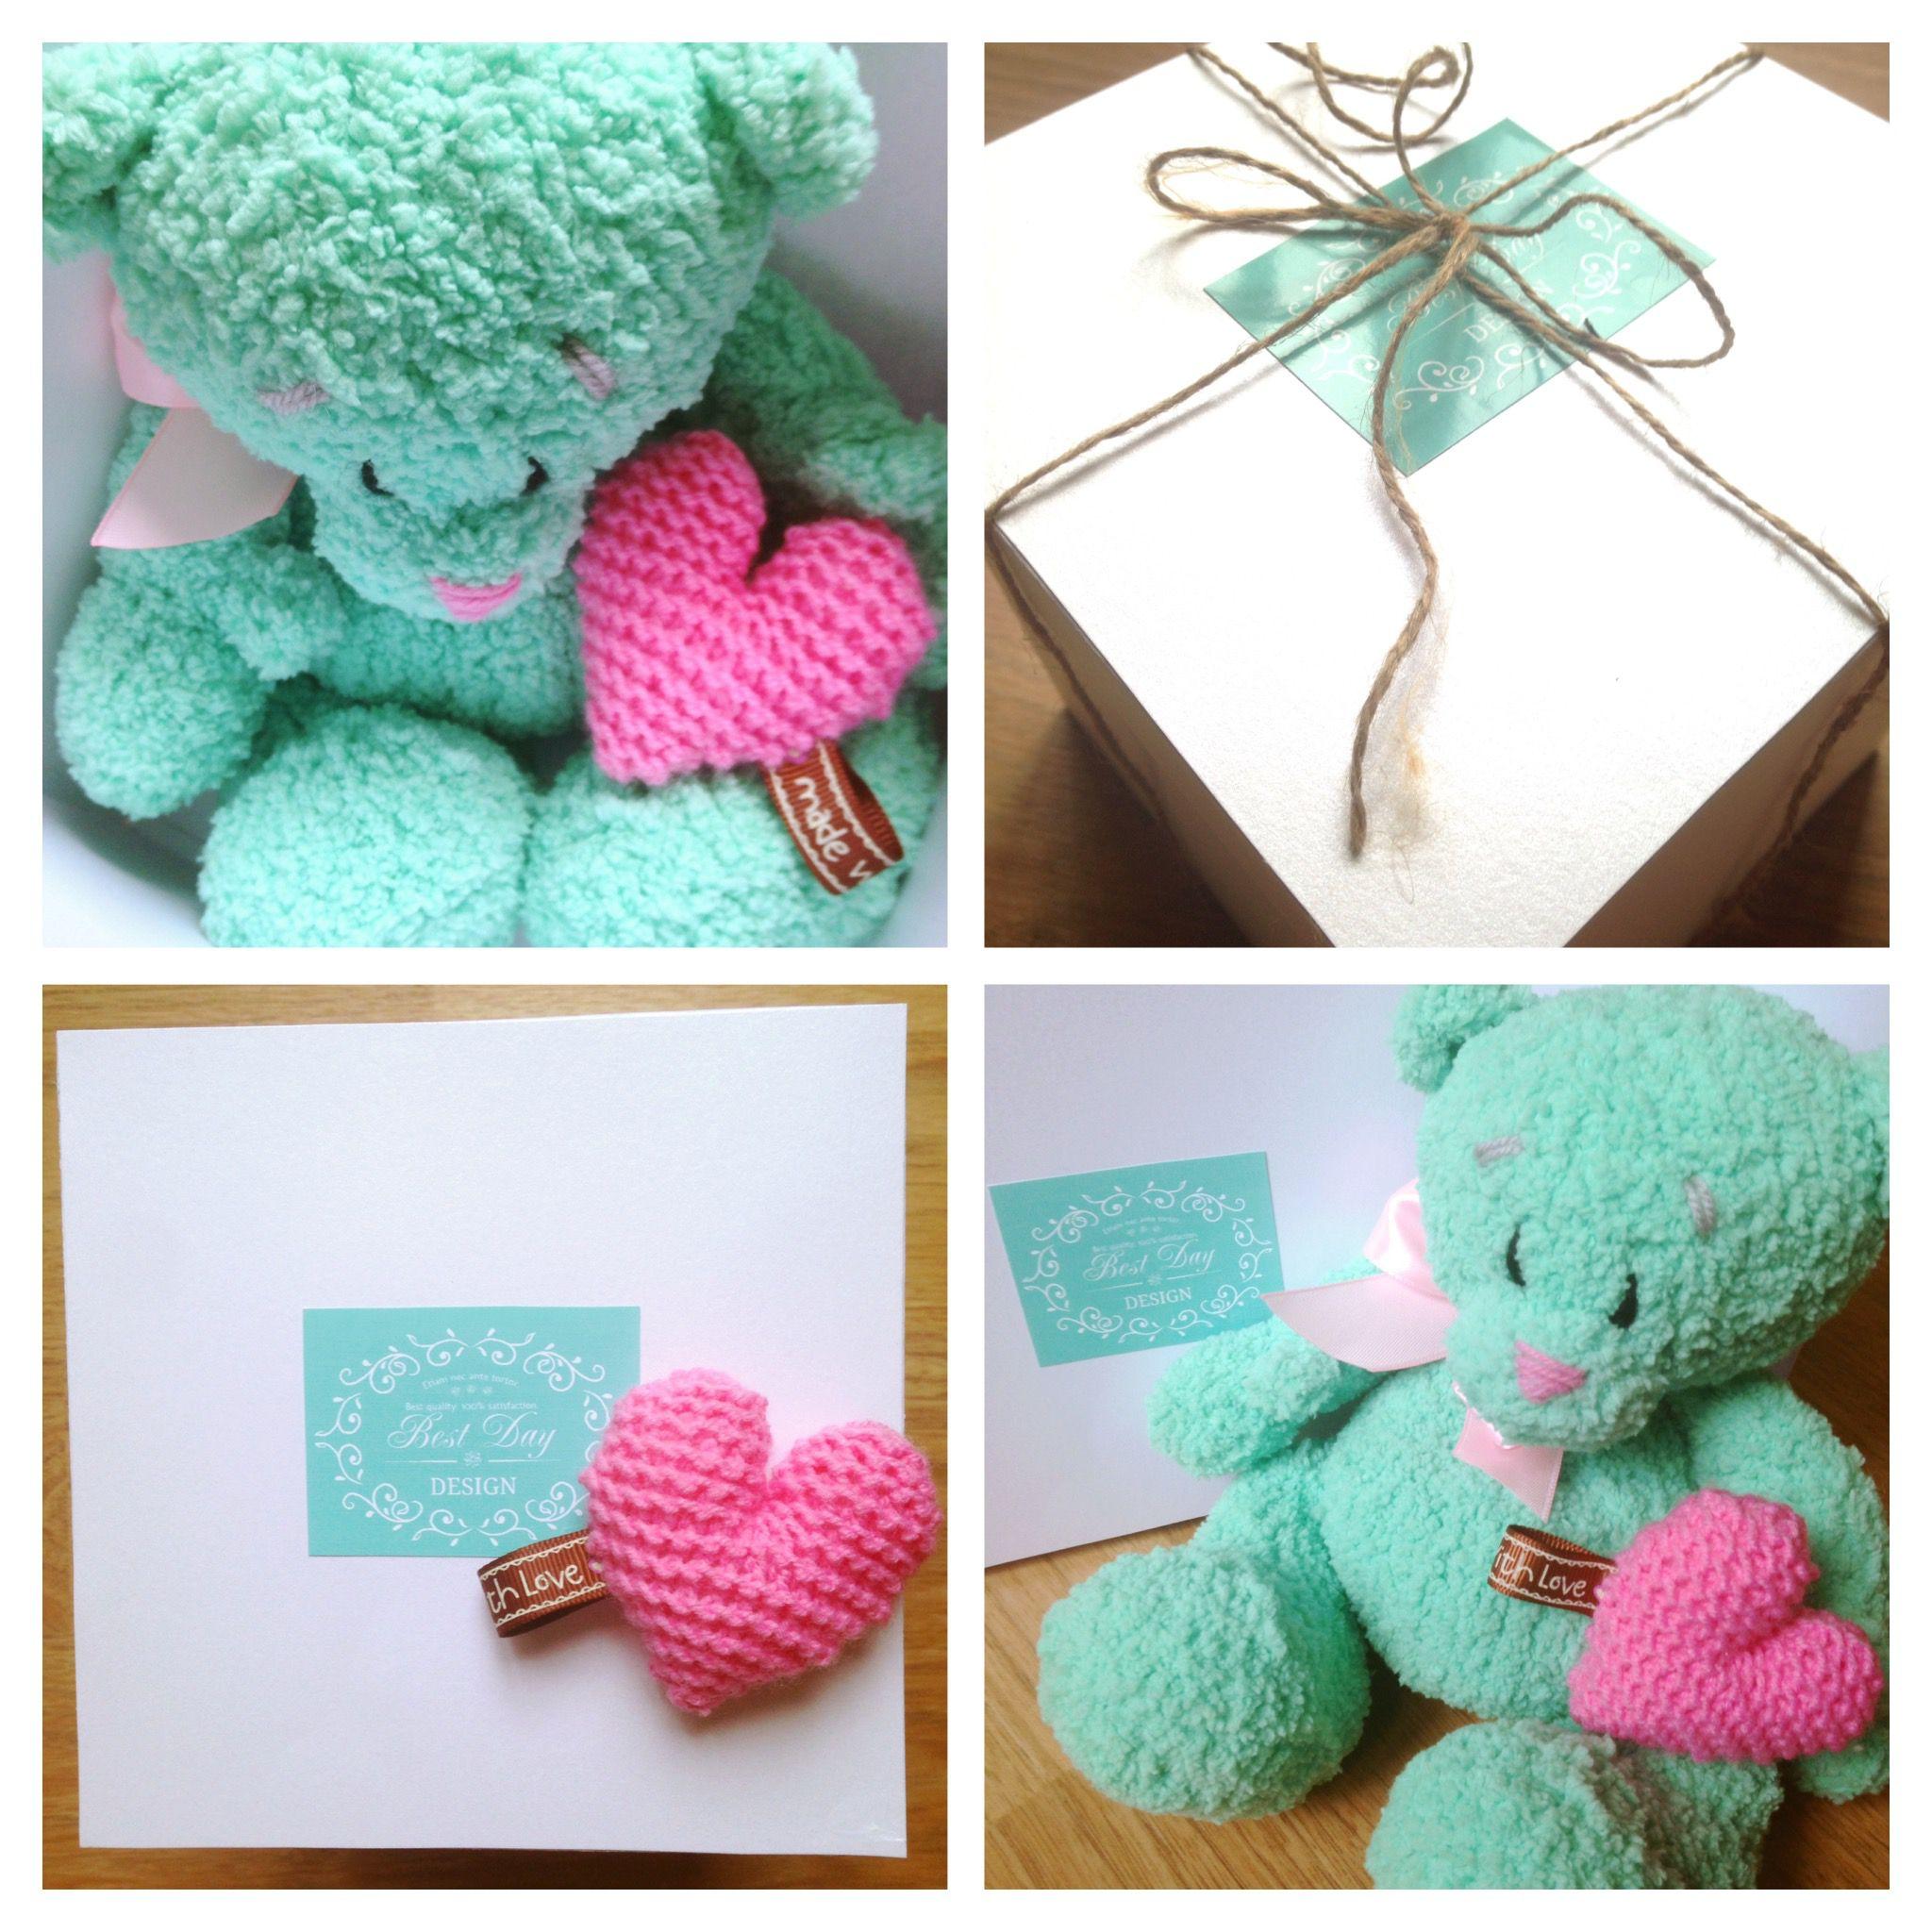 подарокдевочке вязанныймишка подарокмальчику мишка подарок